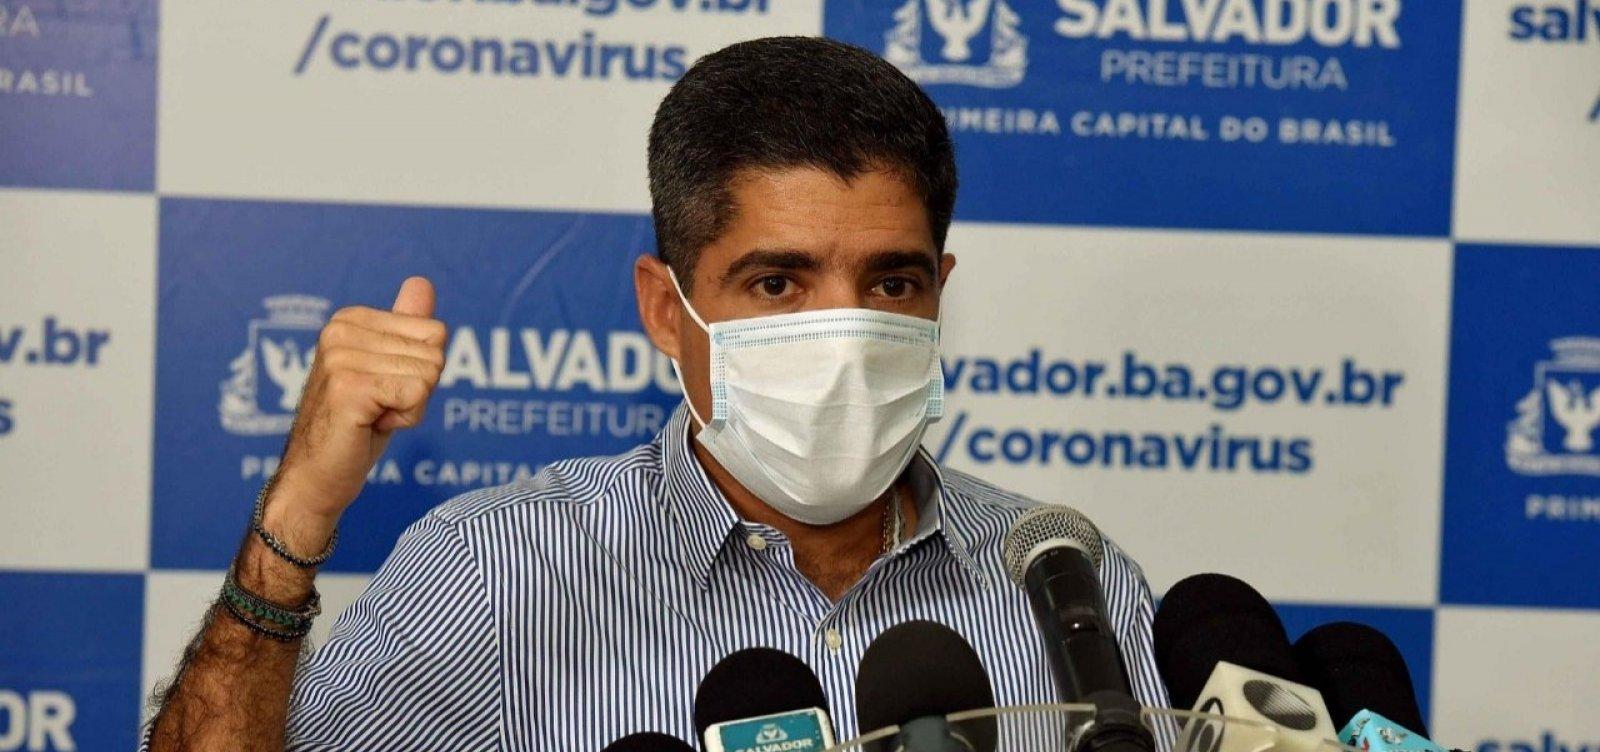 [ACM Neto diz que situação crítica do Brasil com coronavírus se deve à postura de Bolsonaro]